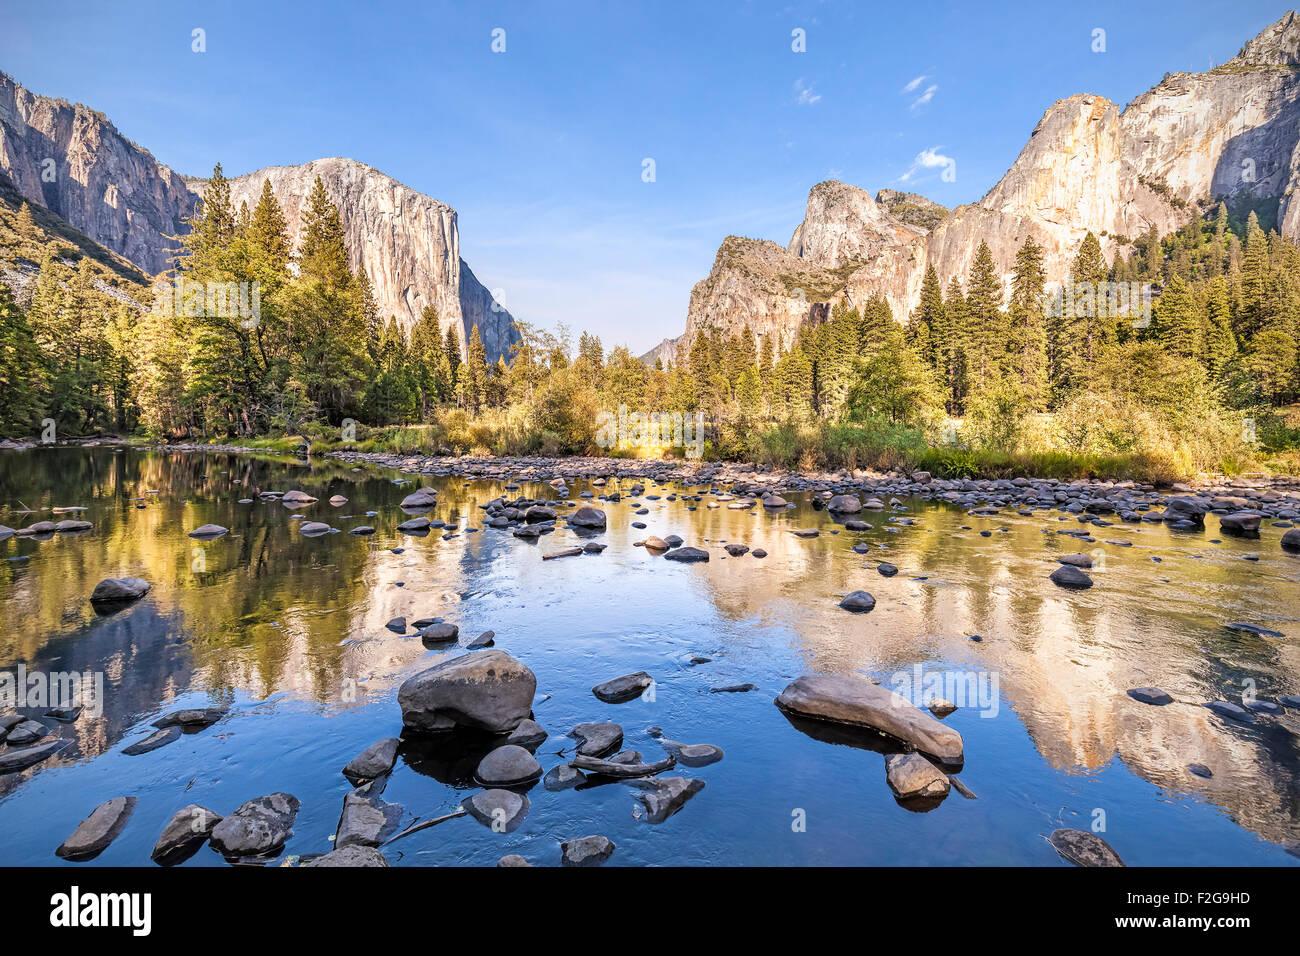 Merced River im Yosemite National Park bei Sonnenuntergang, Kalifornien, USA. Stockbild